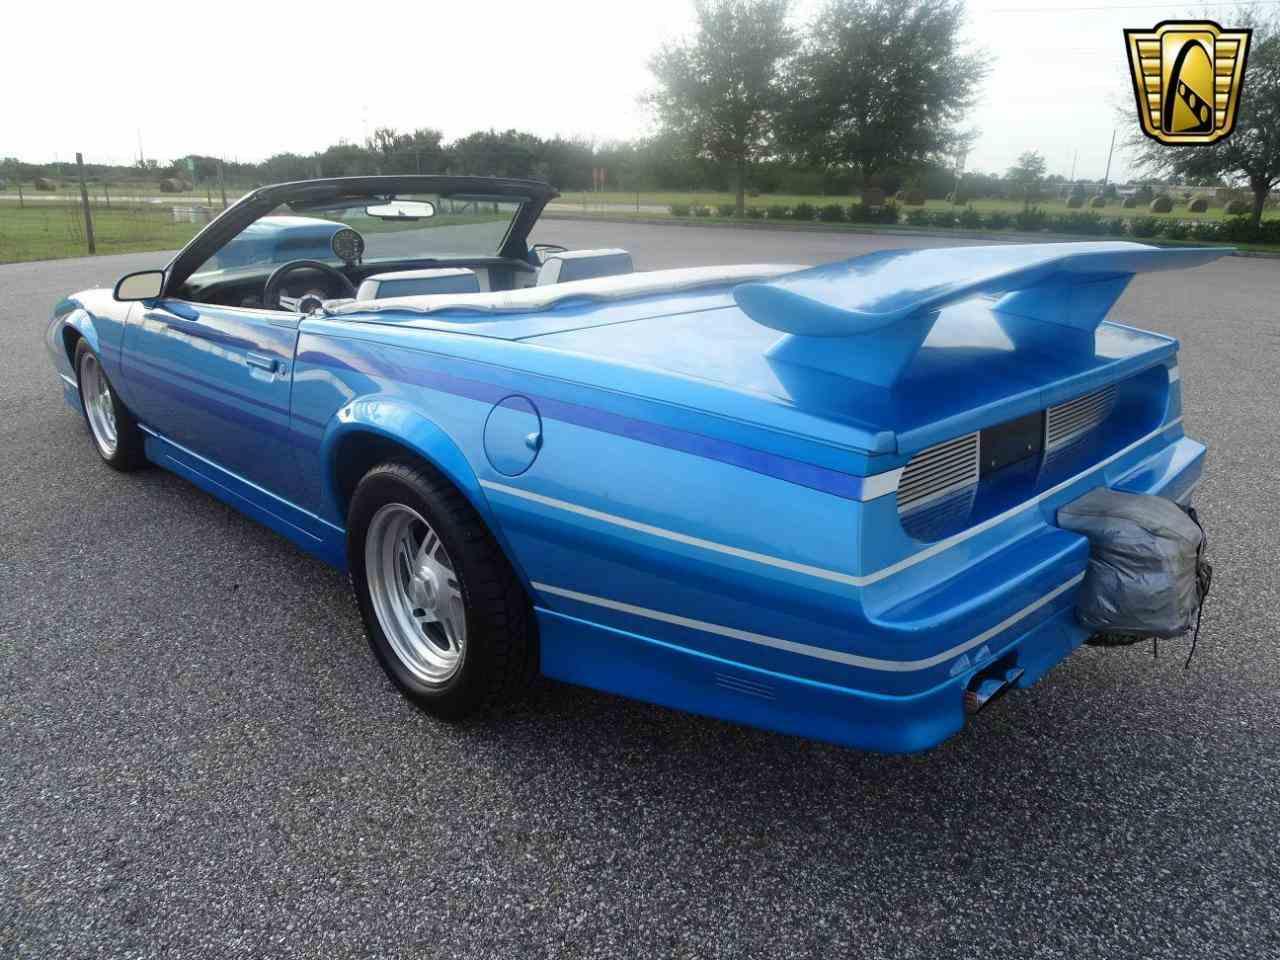 1987 Chevrolet Camaro for Sale | ClassicCars.com | CC-1040424